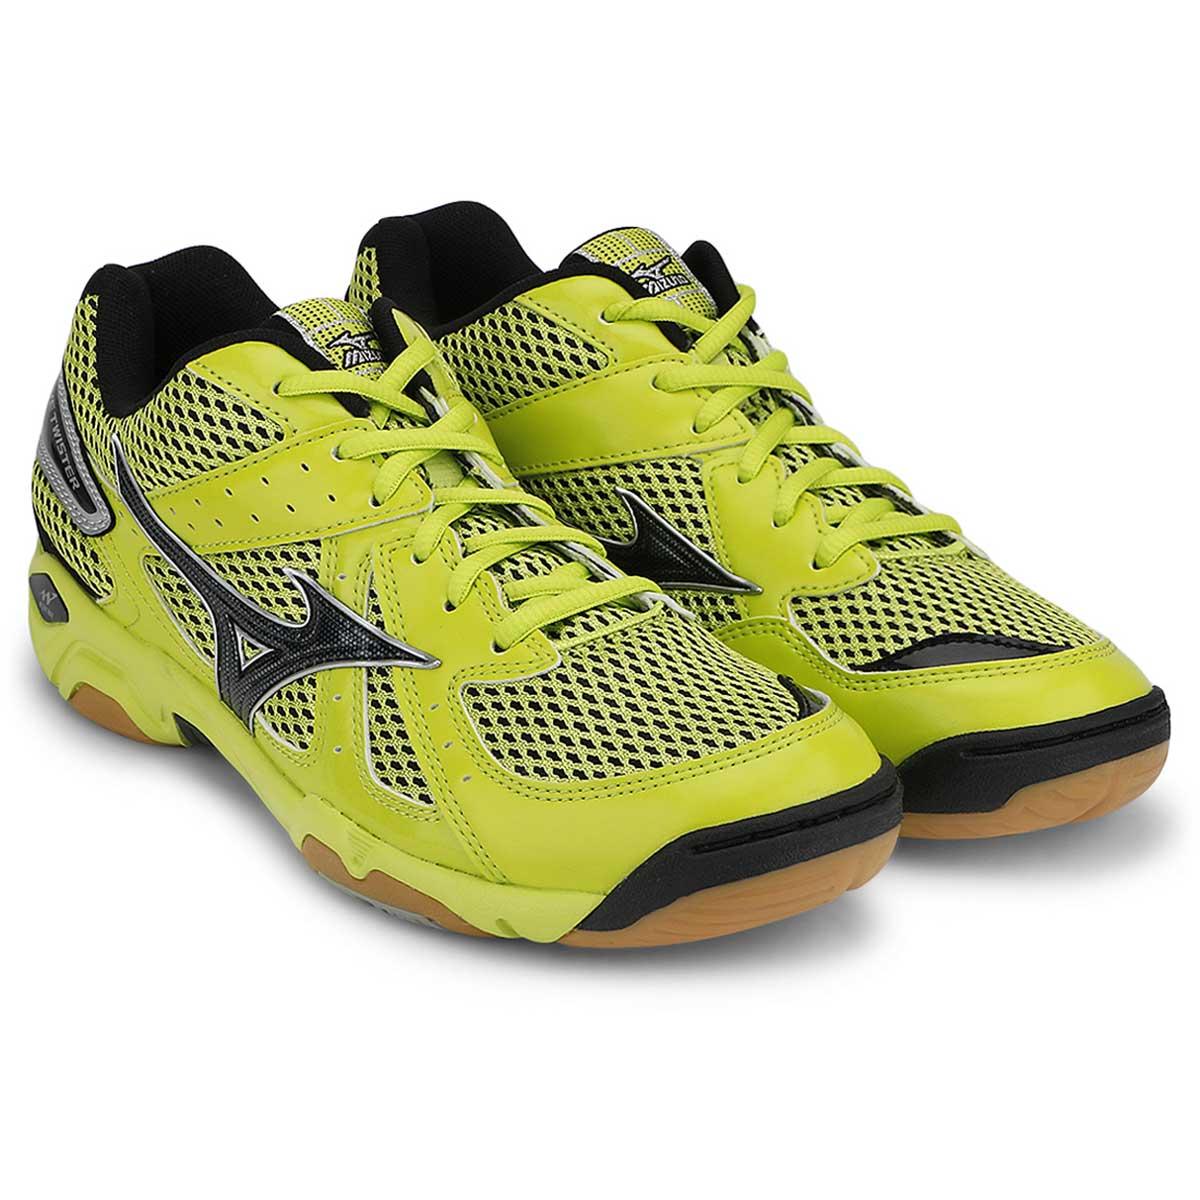 Basketball Shoes Vs Badminton Shoes